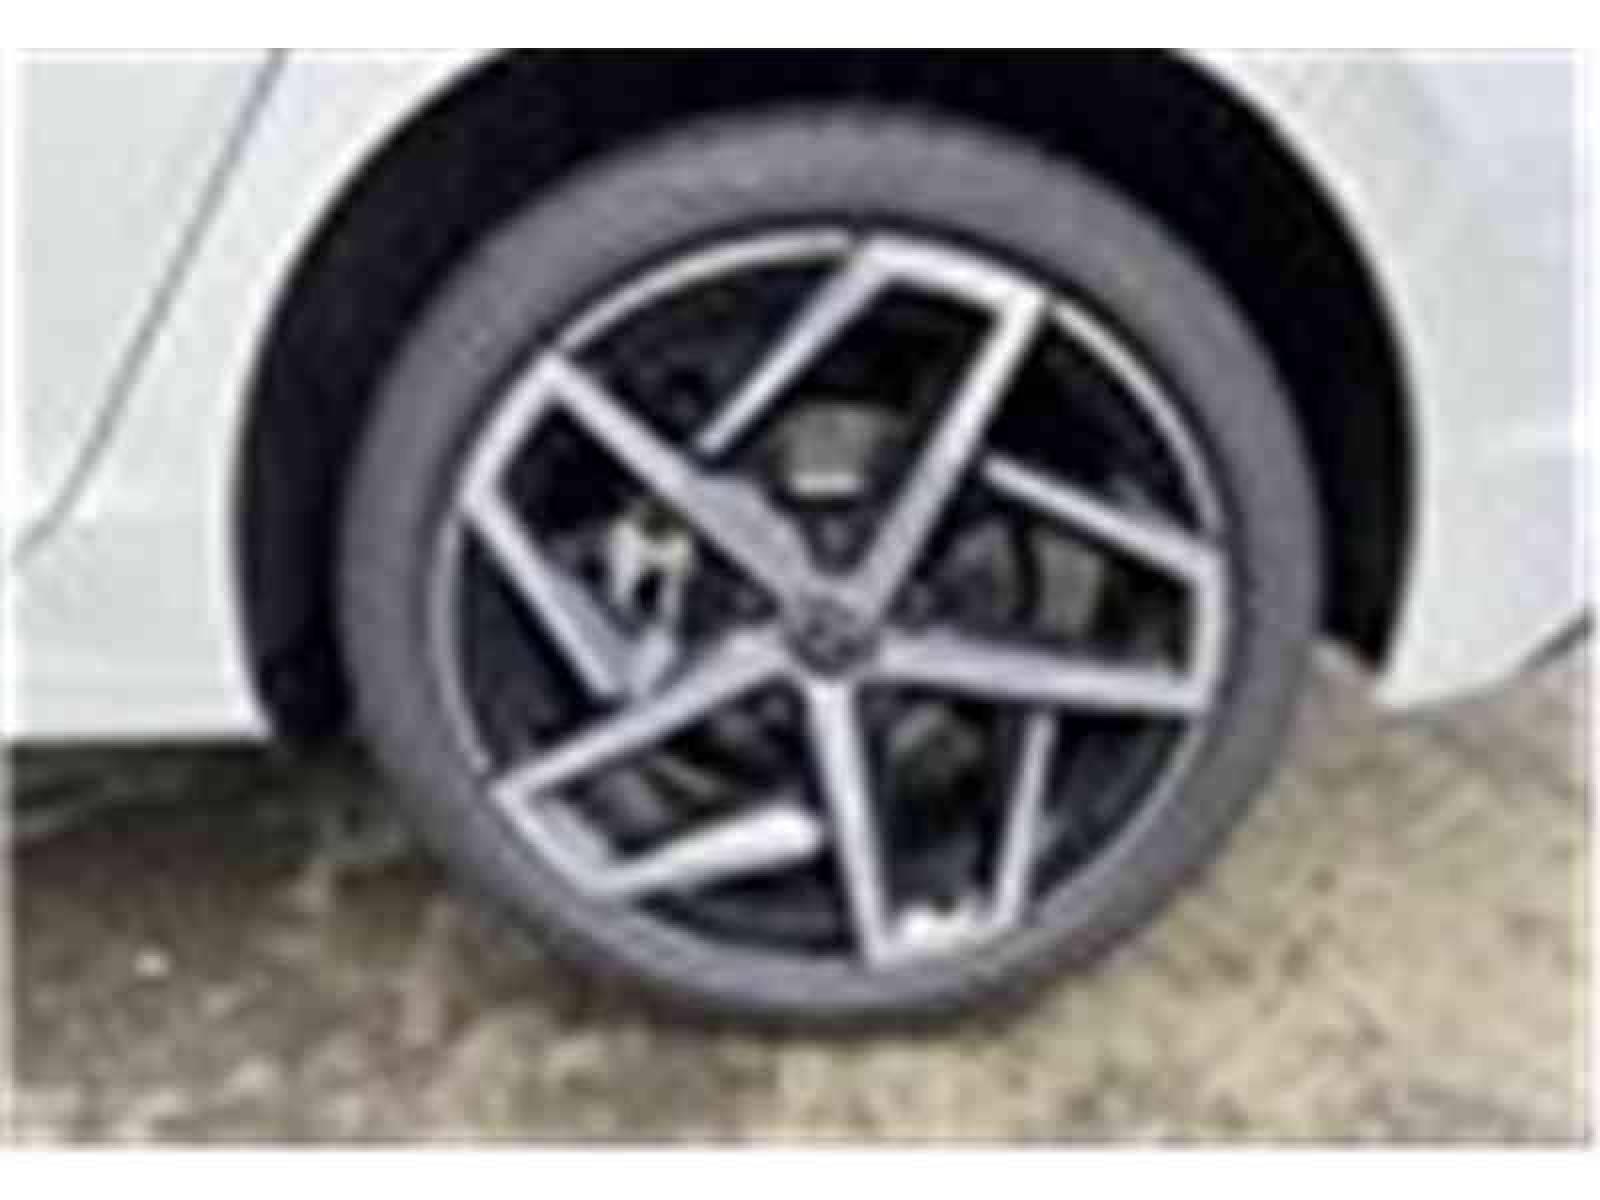 VOLKSWAGEN Golf 1.5 eTSI OPF 150 DSG7 - véhicule d'occasion - LEMAUVIEL AUTOMOBILES - Présentation site web V2 - Lemauviel automobiles - FLERS - 61100 - FLERS - 6